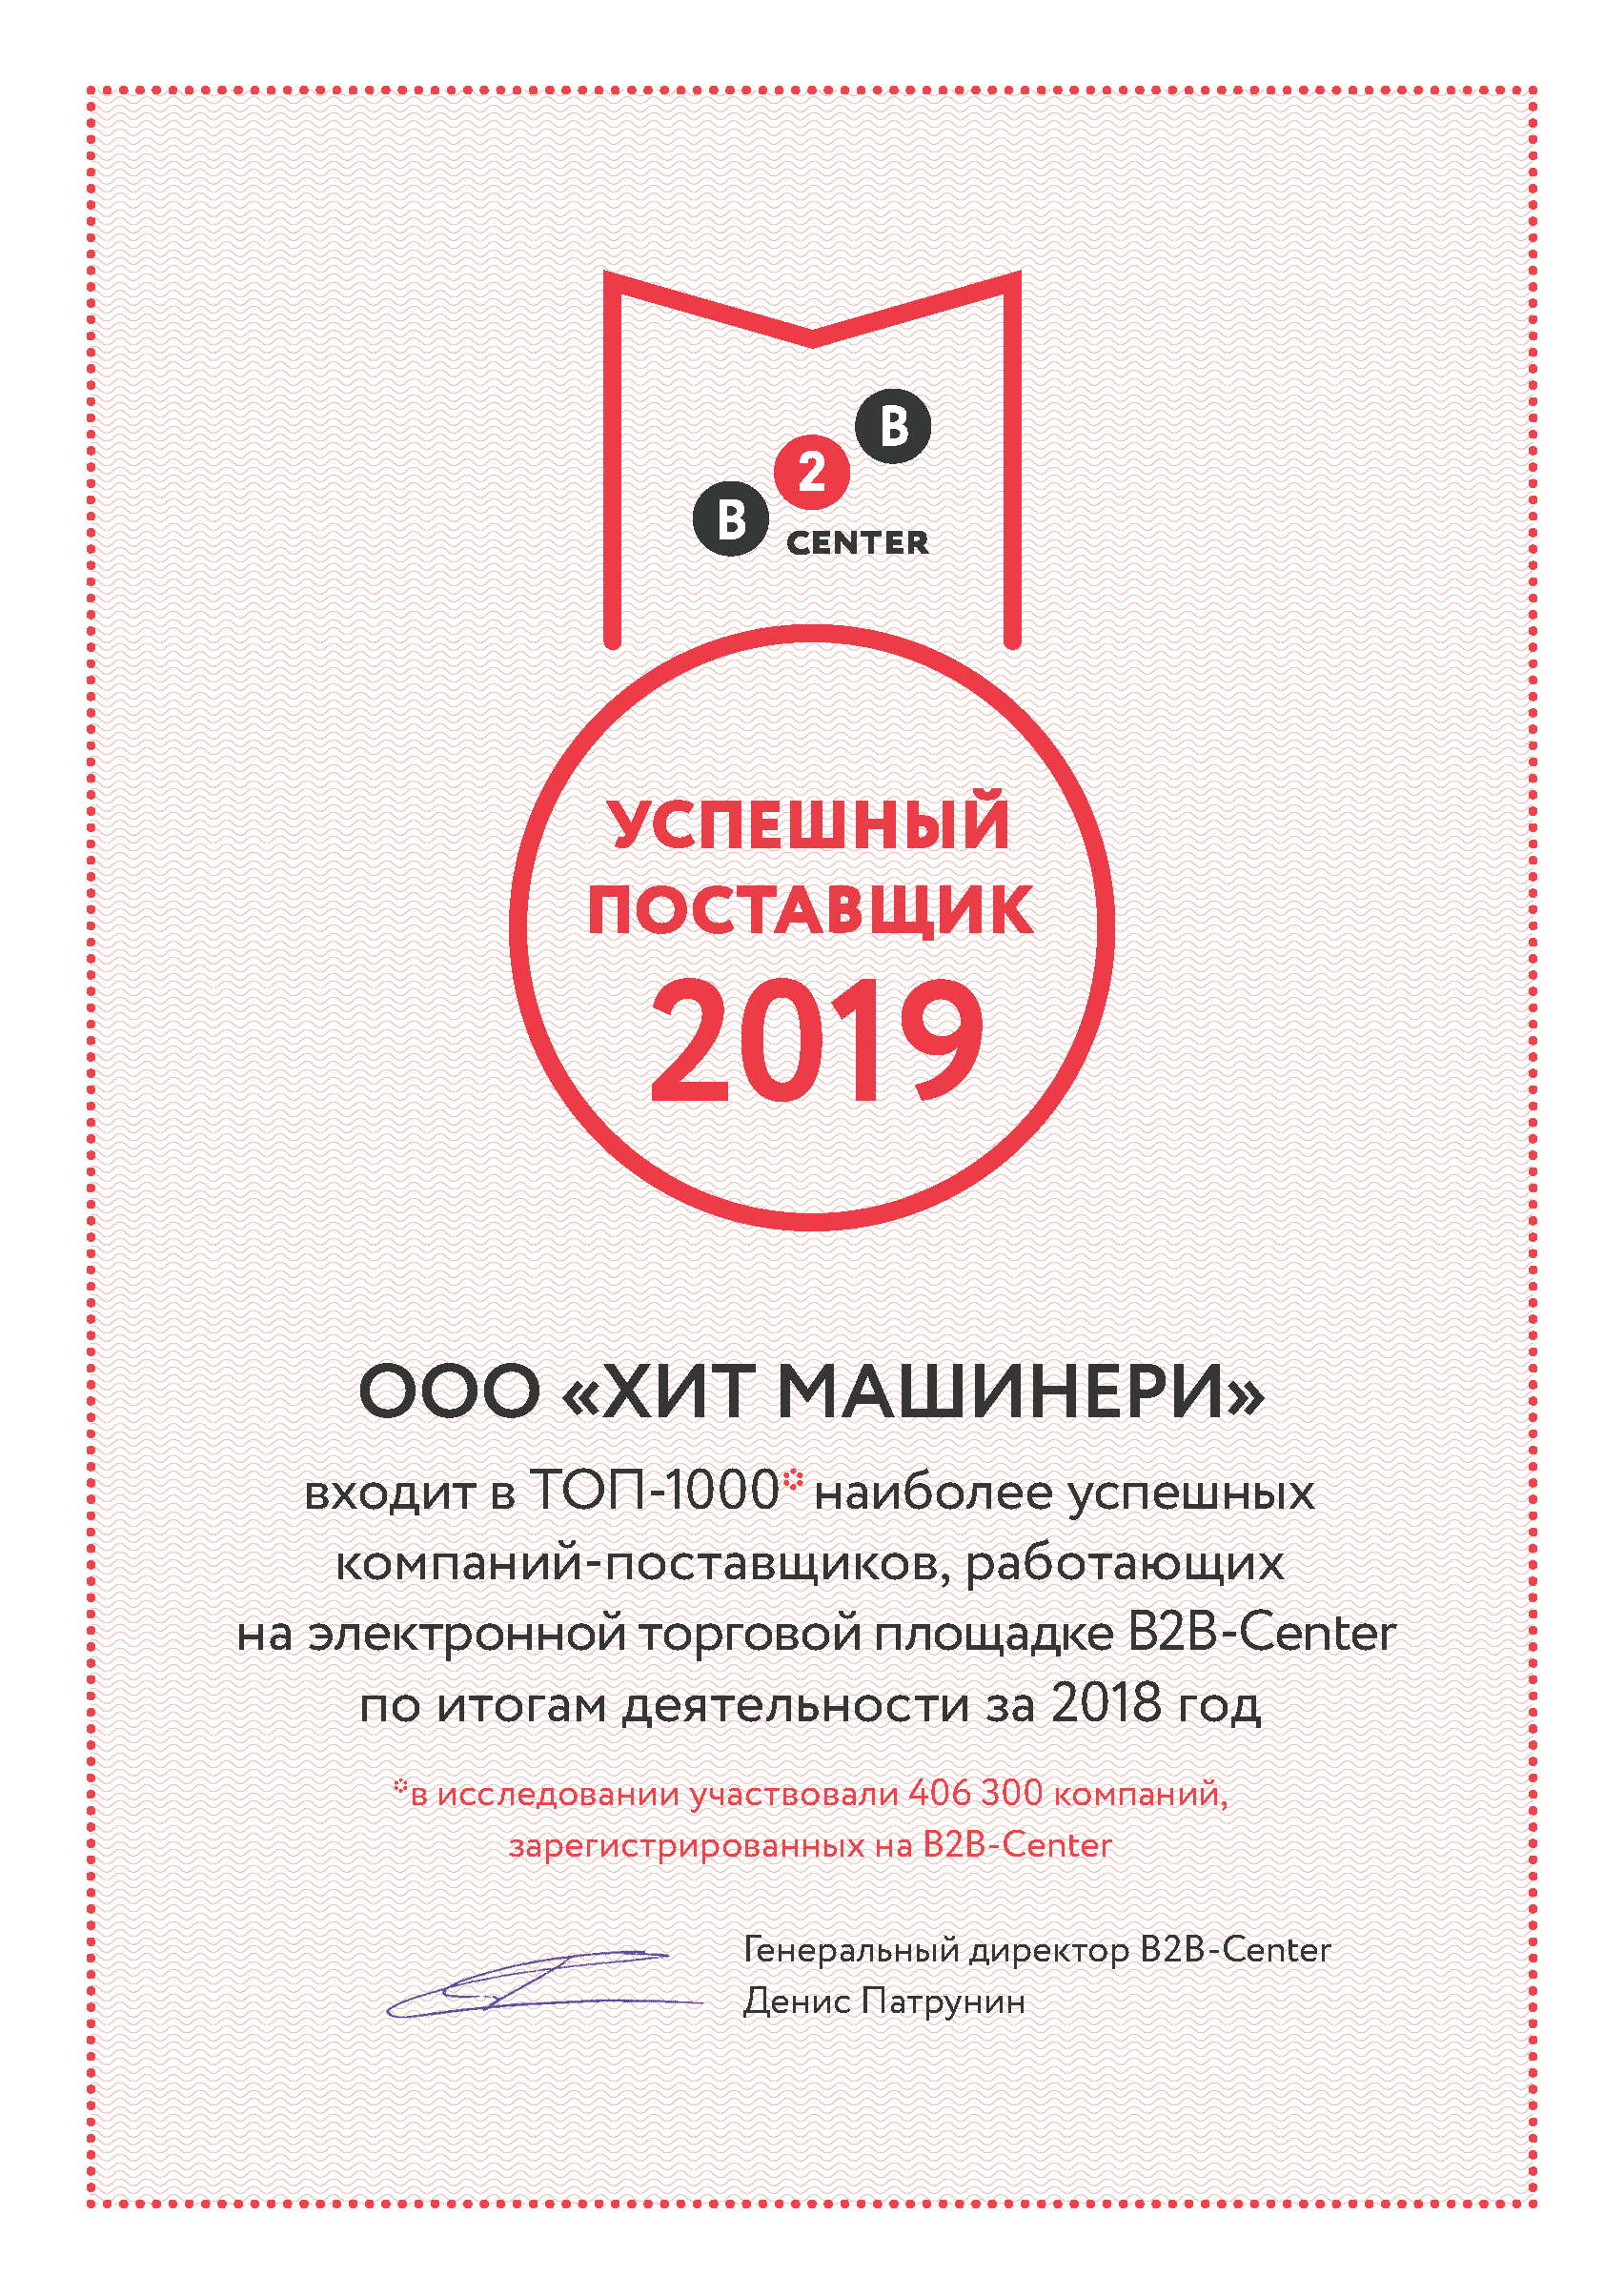 Компания ООО «ХИТ Машинери» вошла в ТОП-1000 успешных российских поставщиков